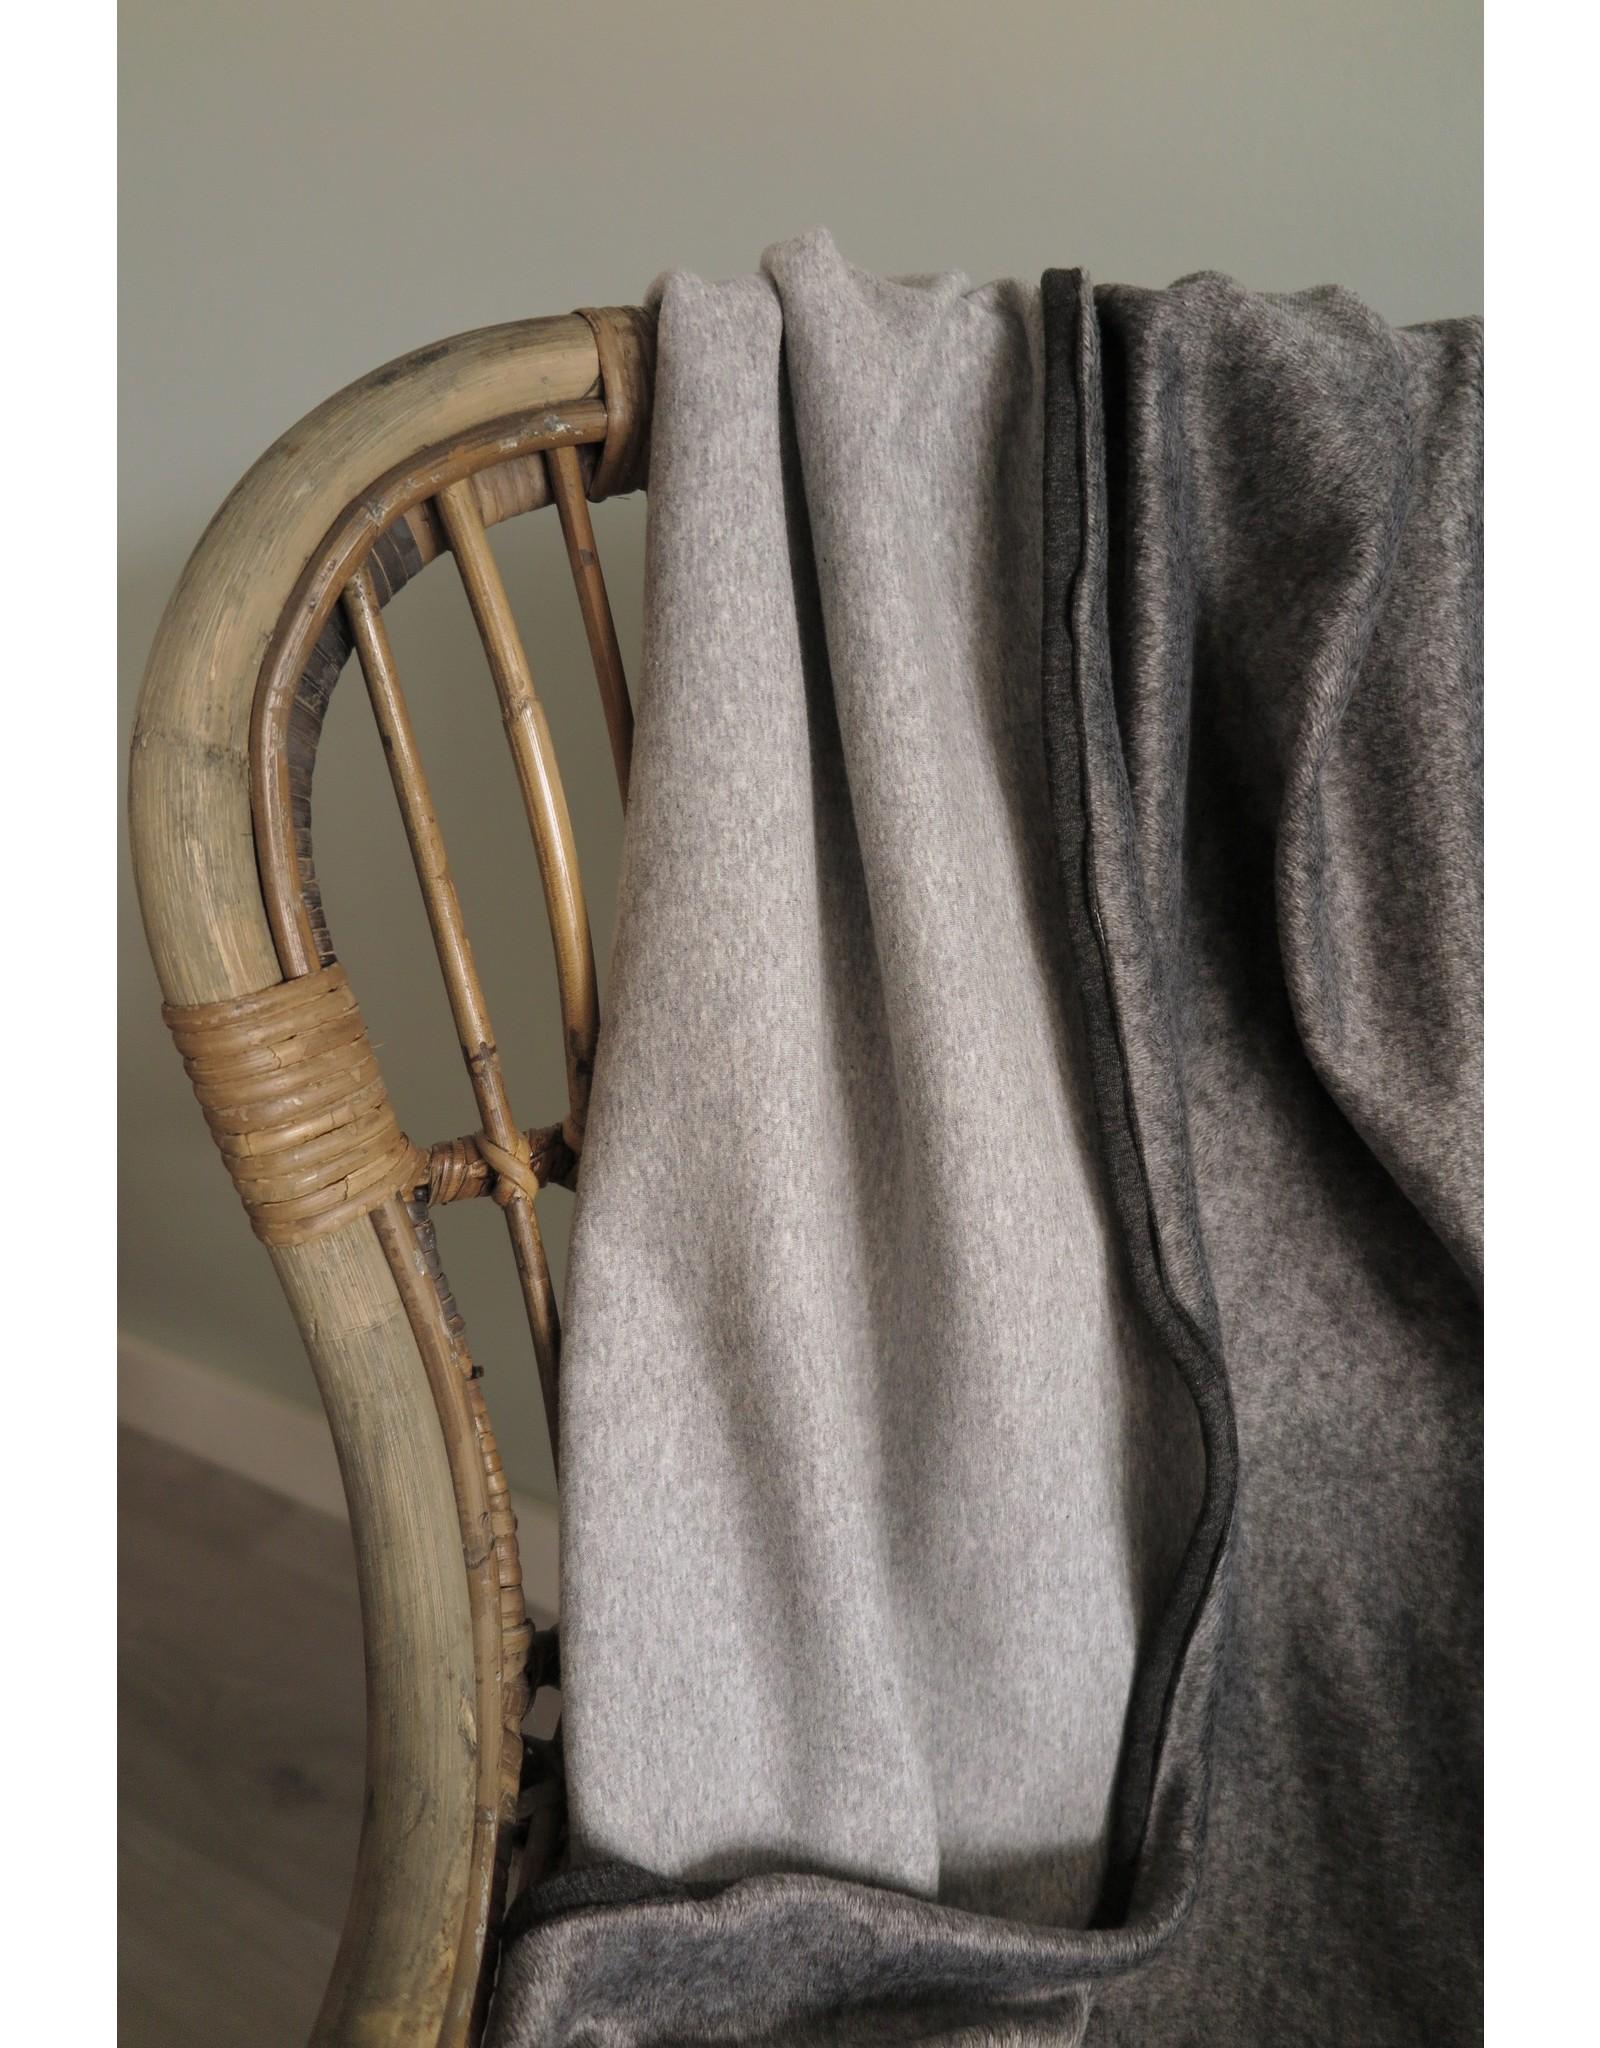 Greystone blanket